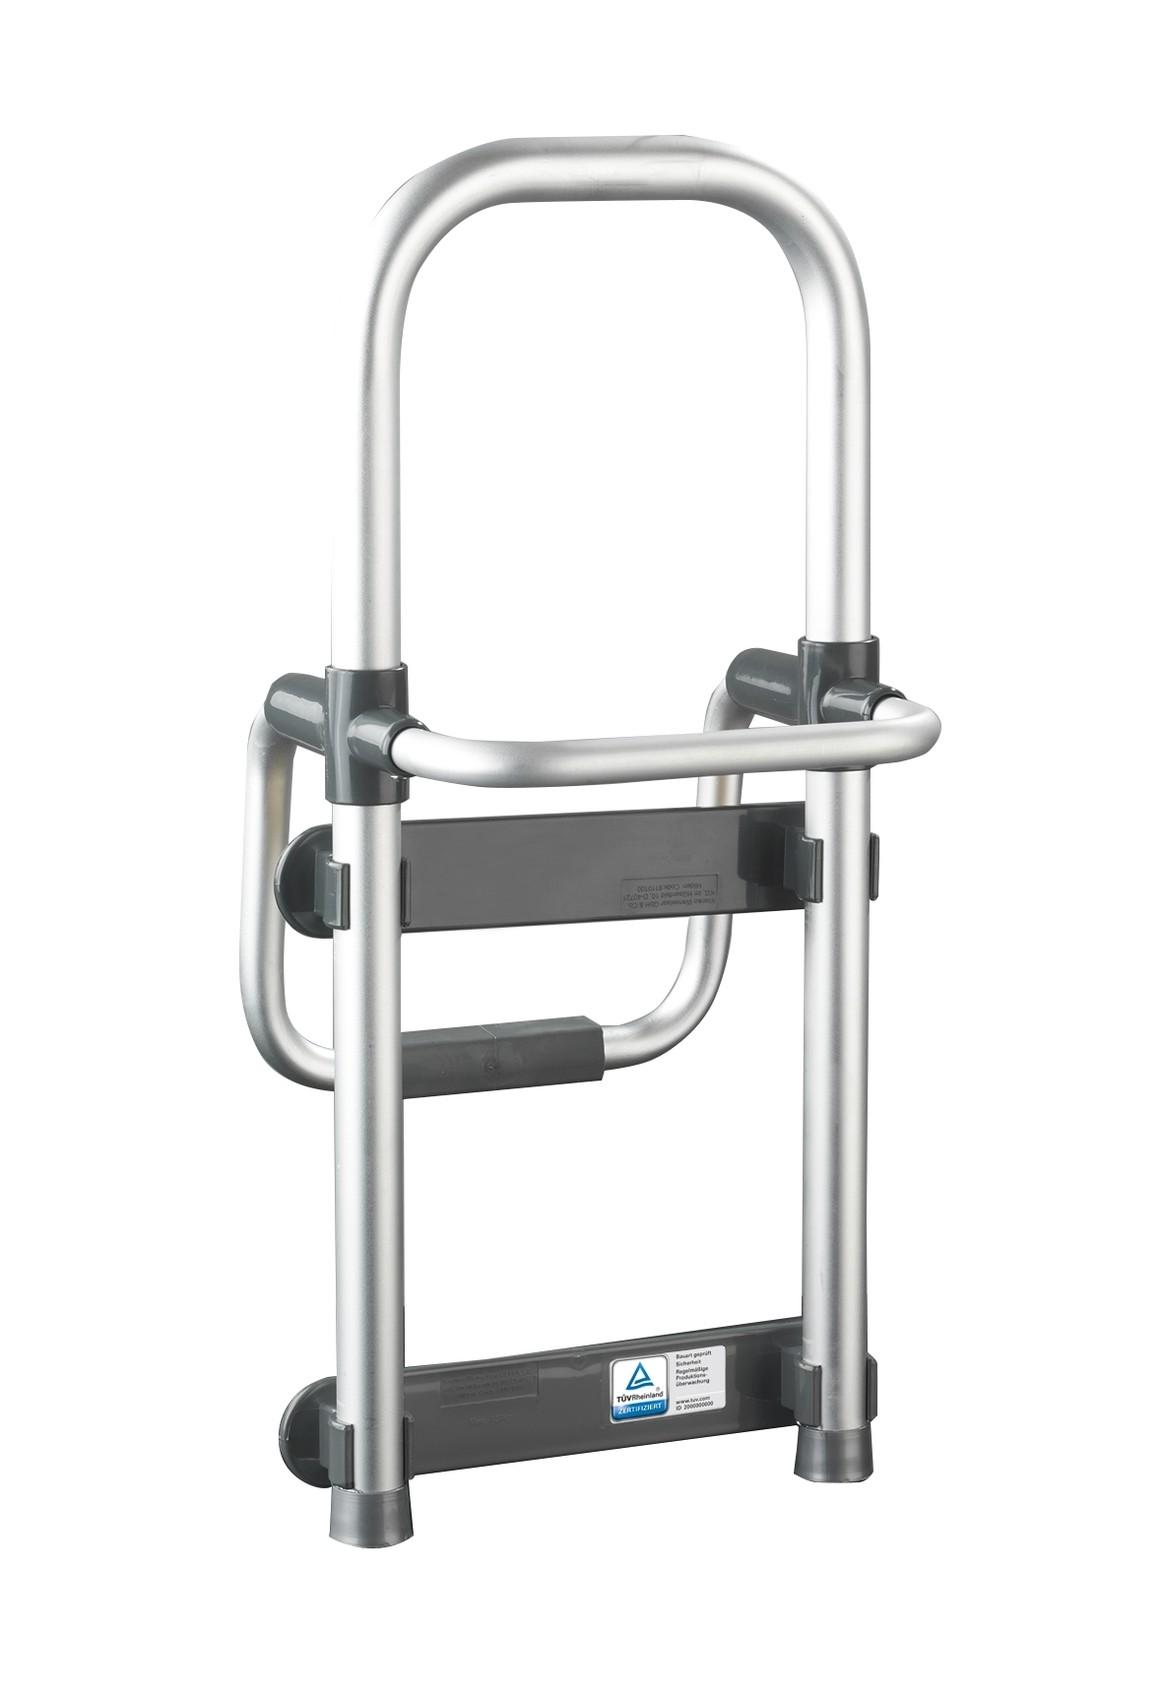 Badewannen-Einstiegshilfe Secura Silber, verstellbar, 120 kg Tragkraft